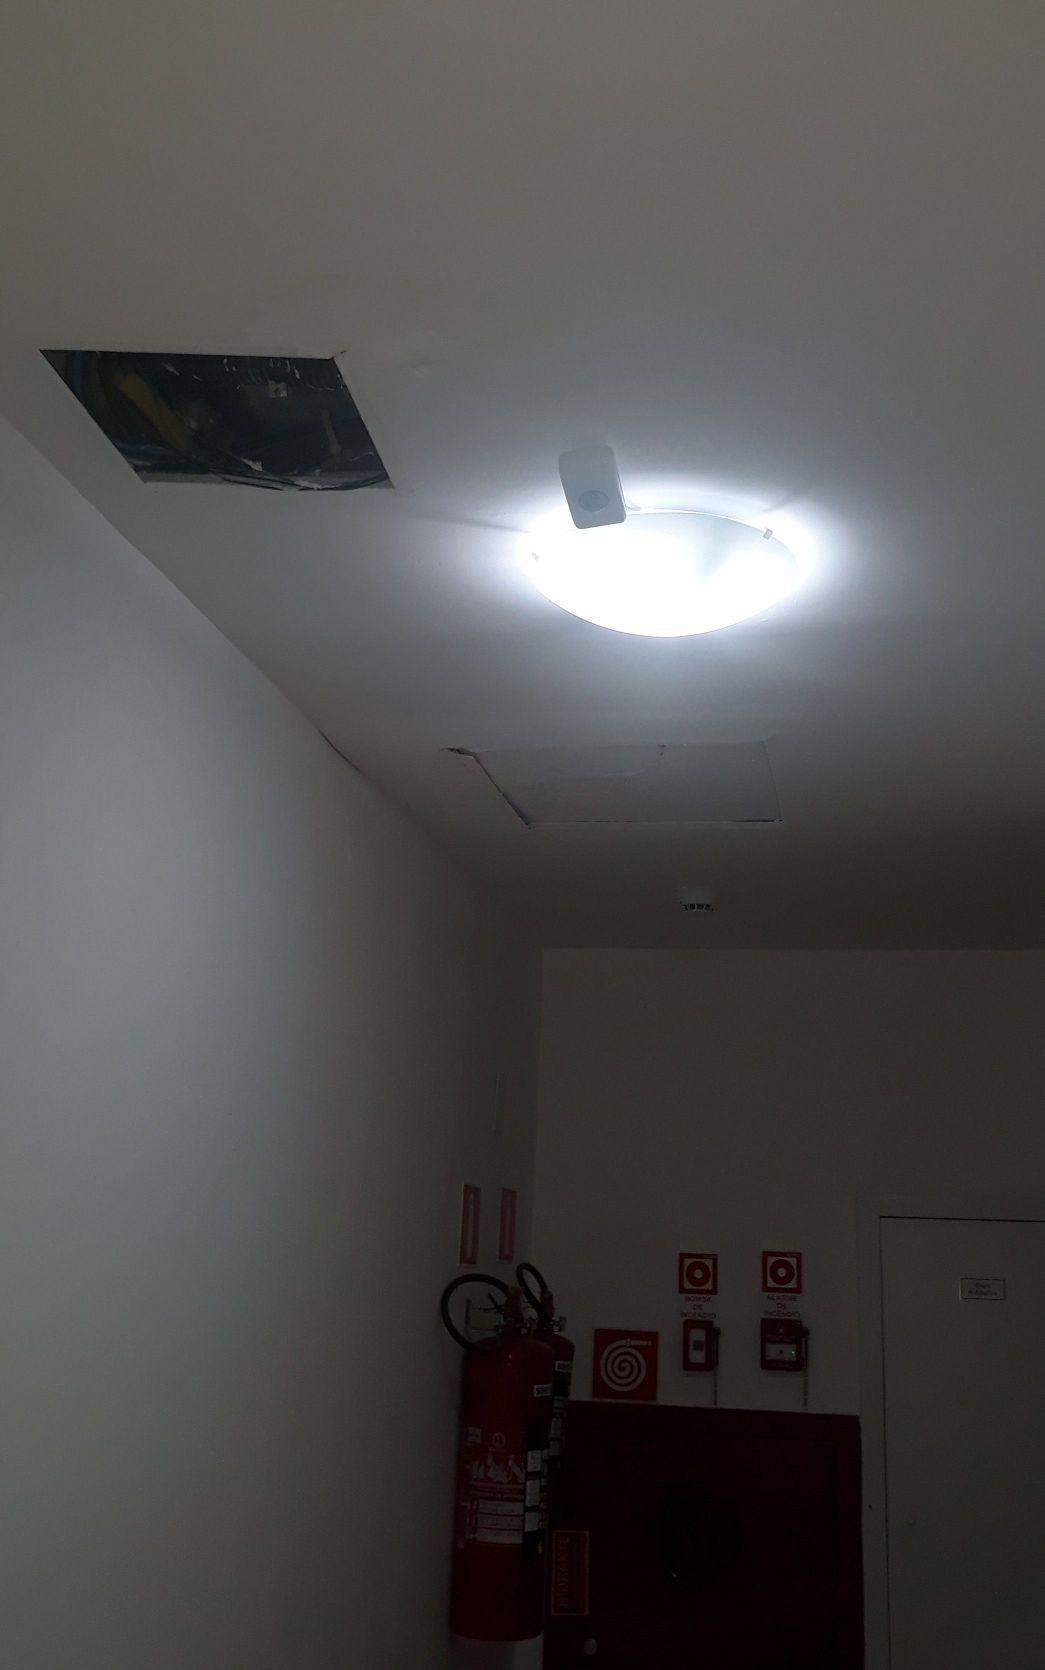 luminárias e sensores de presença.